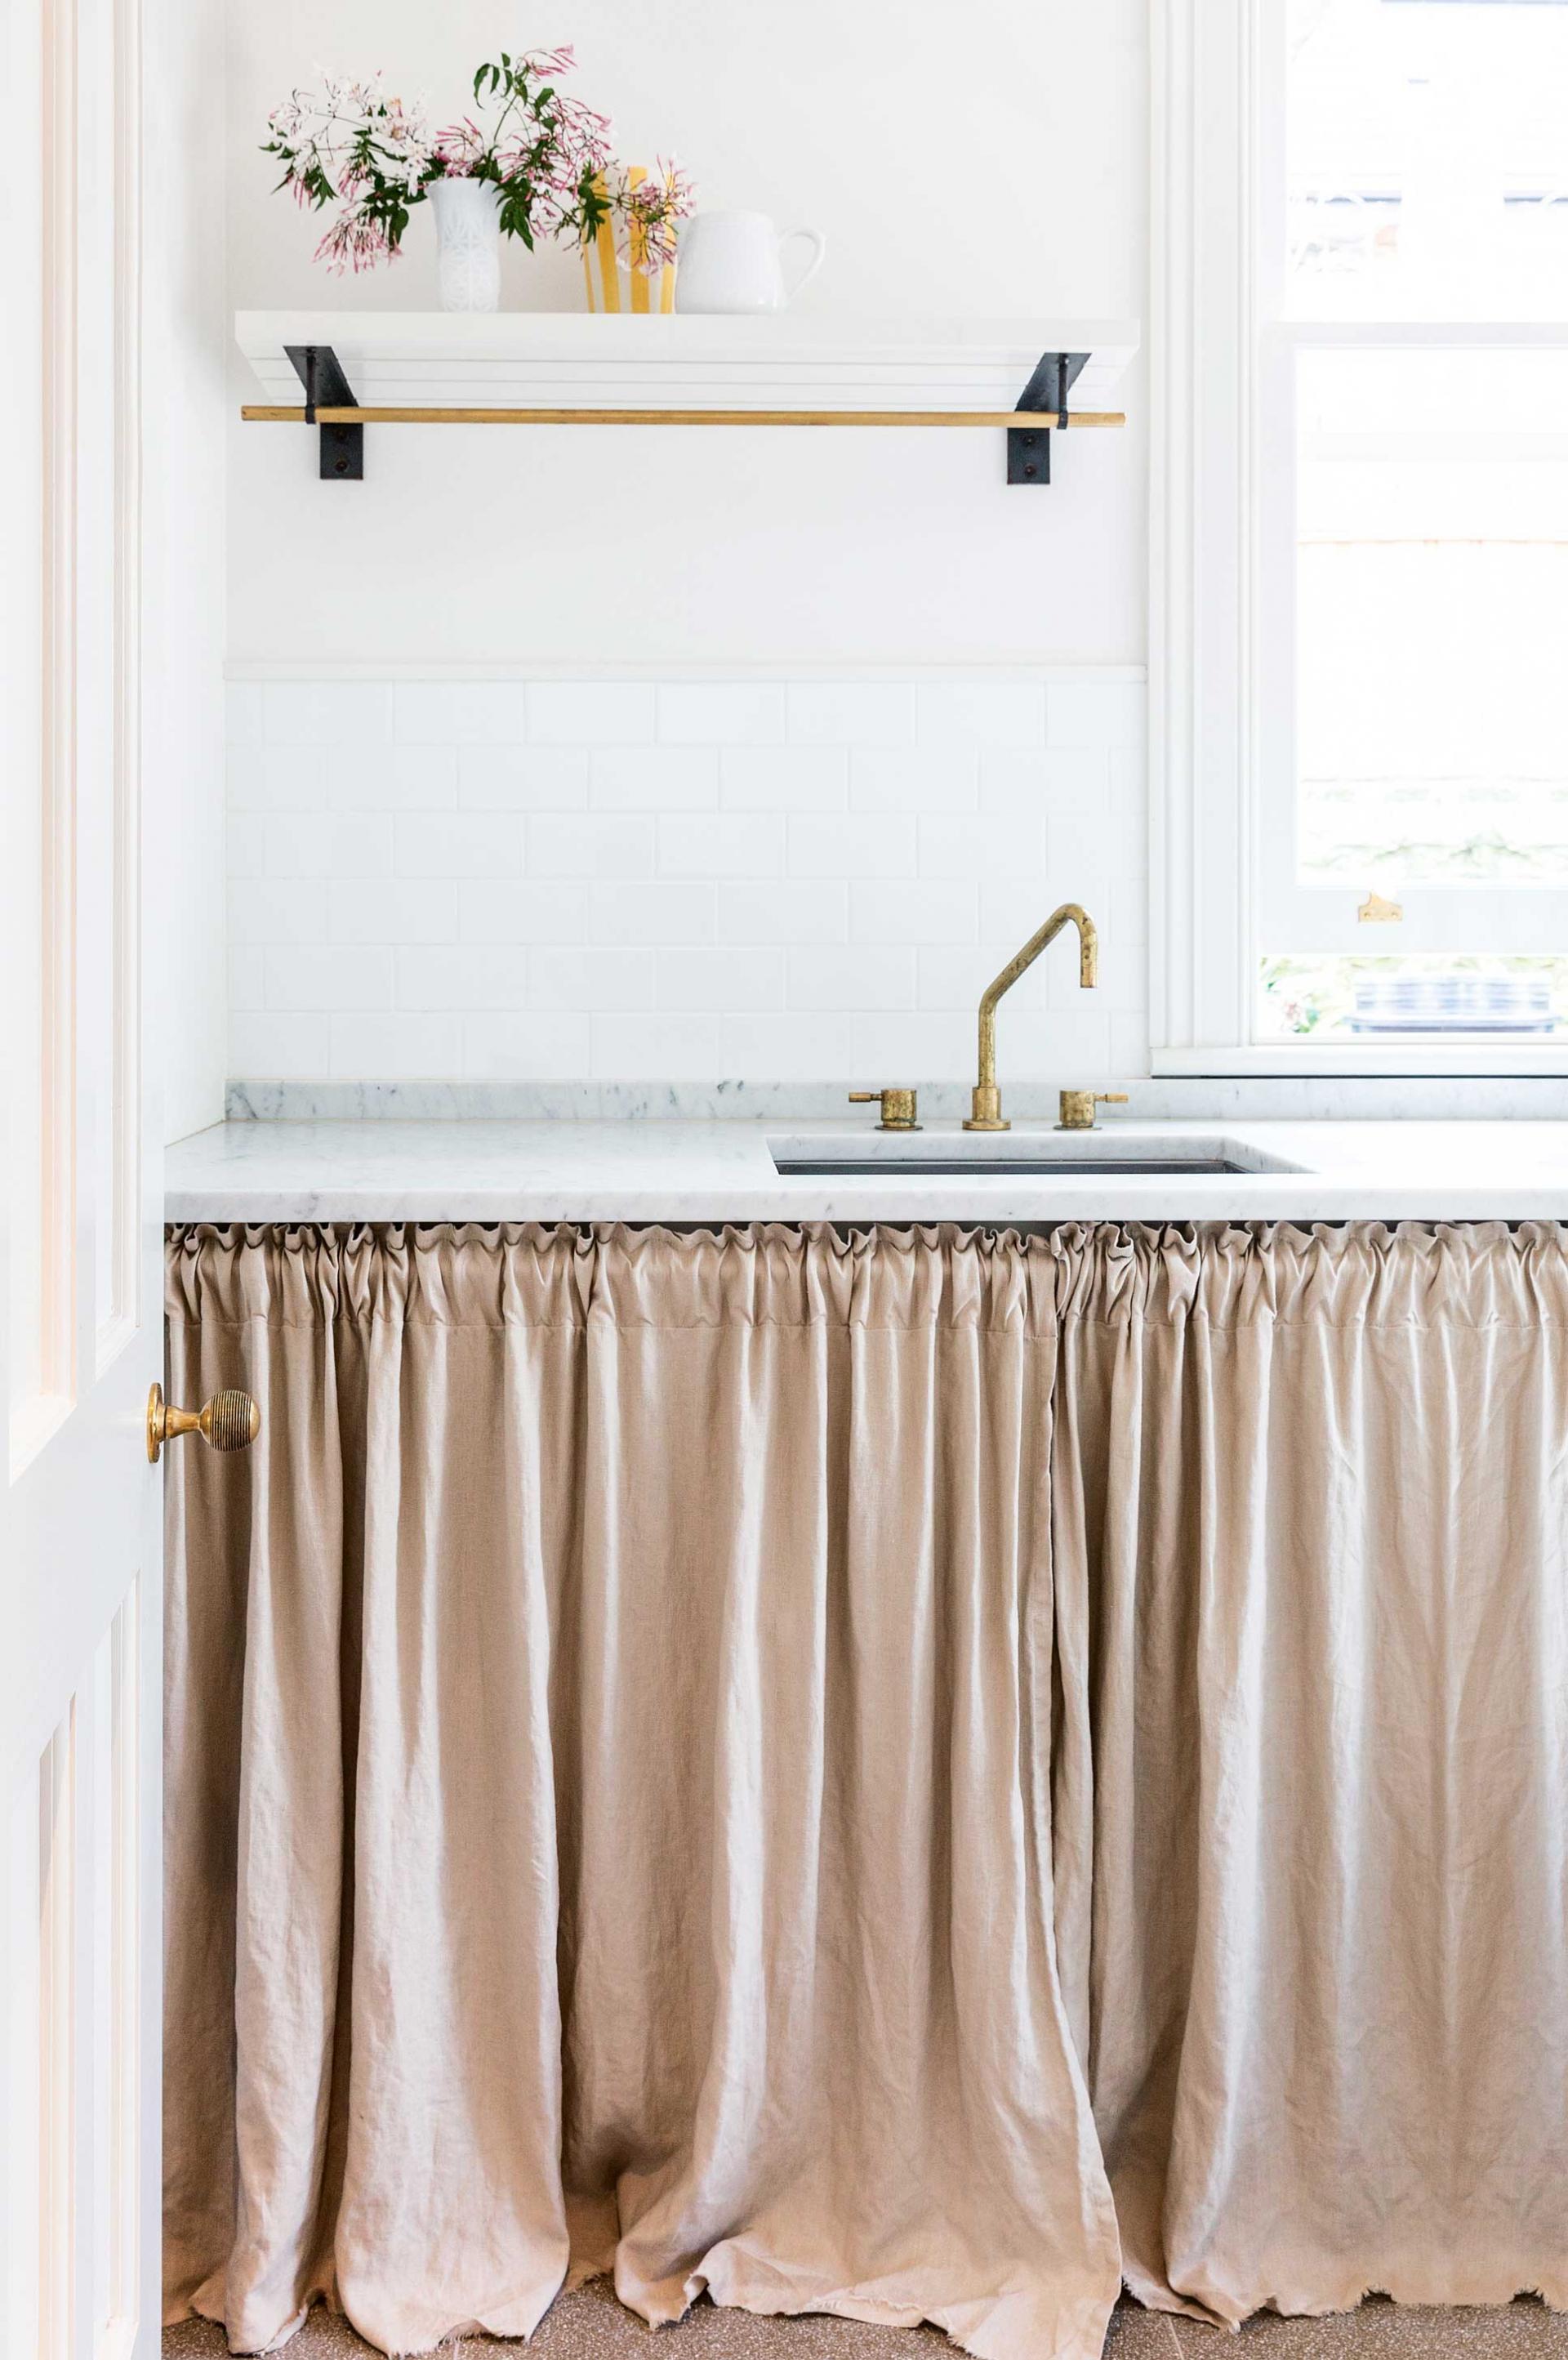 Cortinas bajo el fregadero mi casa no es de mu ecas for Como hacer cortinas para cocina